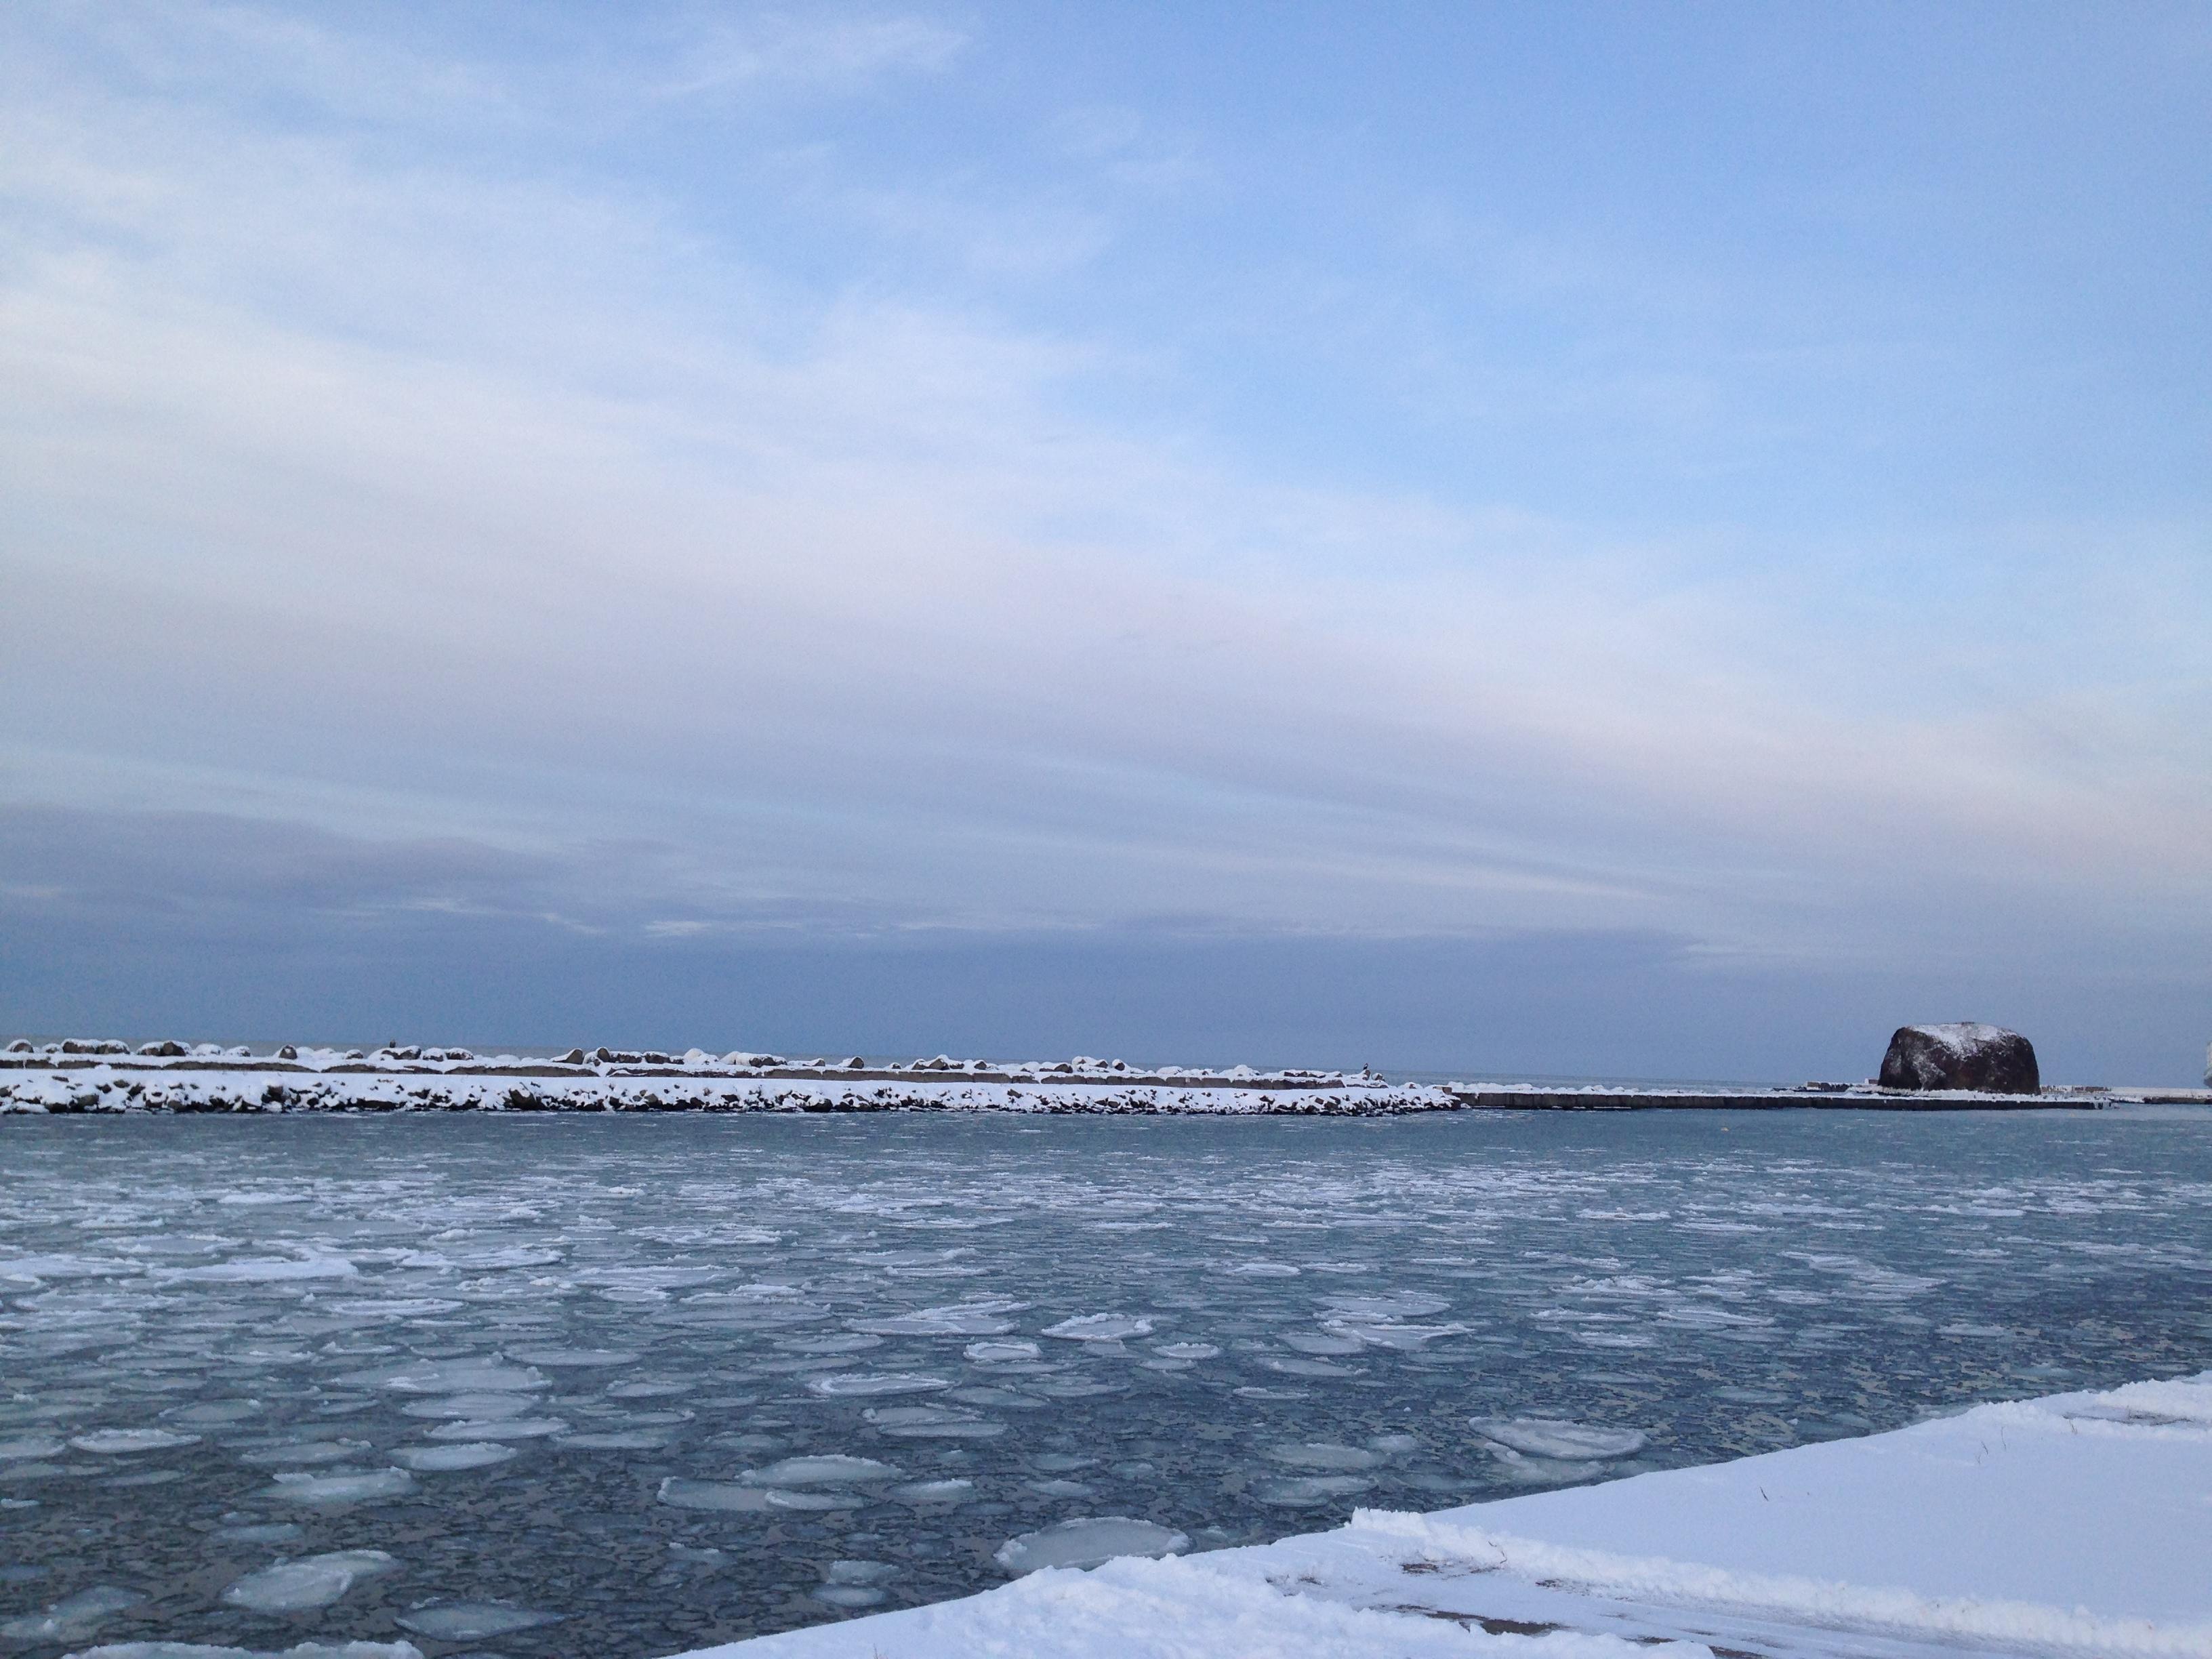 工房から見えるお気に入りの景色。冬の網走川と帽子岩とオホーツク海。